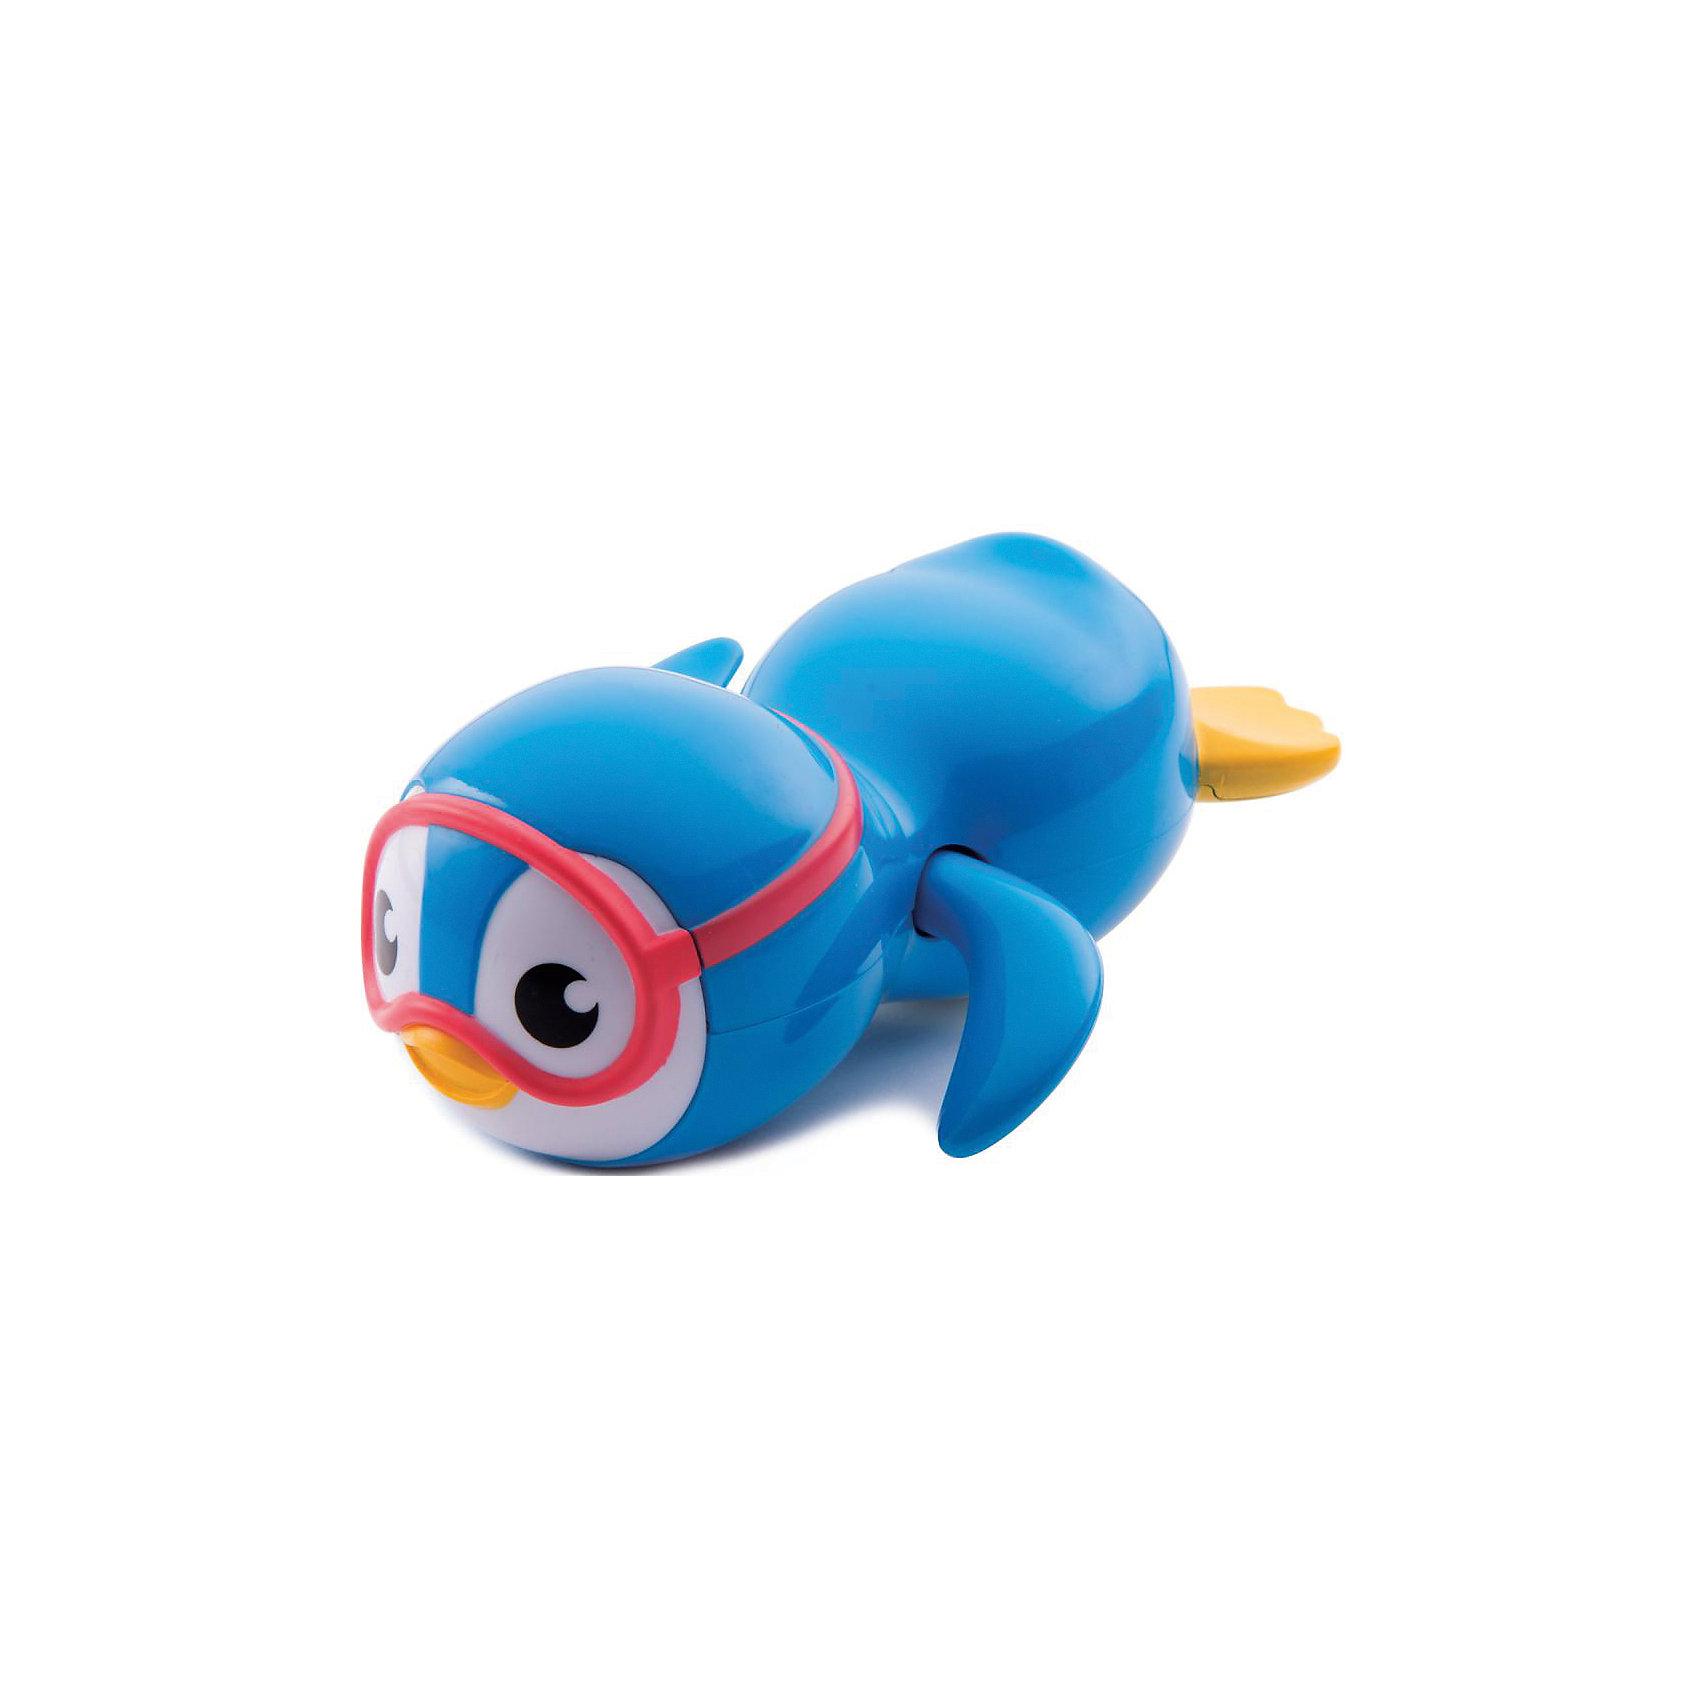 Игрушка для ванны Пингвин пловец 9+, MunchkinДинамические игрушки<br>Игрушка для ванны Пингвин пловец 9+, Munchkin (Манчкин) - непременно понравится вашему малышу и превратит купание в веселую игру!<br>С игрушкой для ванны Пингвин-пловец от Munchkin (Манчкин) купание будет доставлять только удовольствие. Если завести механизм игрушки, она начнет забавно перебирать плавниками, плавая по пространству ванной - веселье во время купания гарантировано. Запустите этого очаровательного пингвинчика в ванну и наблюдайте, как стремительный пловец рассекает в воде! Игрушка развивает координацию движений, тактильное восприятие и доставляет массу положительных эмоций. Миссия Munchkin (Манчкин), американской компании с 20-летней историей: избавить мир от надоевших и прозаических товаров, искать умные инновационные решения, которые превращает обыденные задачи в опыт, приносящий удовольствие. Понимая, что наибольшее значение в быту имеют именно мелочи, компания создает уникальные товары, которые помогают поддерживать порядок, организовывать пространство, облегчают уход за детьми – недаром компания имеет уже более 140 патентов и изобретений, используемых в создании ее неповторимой и оригинальной продукции. Munchkin (Манчкин) делает жизнь родителей легче!<br><br>Дополнительная информация:<br><br>- Для детей с 9 месяцев<br>- Материал: пластмасса<br>- Размер упаковки: 13х13х10 см.<br>- Вес: 100 гр.<br><br>Игрушку для ванны Пингвин пловец 9+, Munchkin (Манчкин) можно купить в нашем интернет-магазине.<br><br>Ширина мм: 130<br>Глубина мм: 130<br>Высота мм: 100<br>Вес г: 100<br>Возраст от месяцев: 9<br>Возраст до месяцев: 36<br>Пол: Унисекс<br>Возраст: Детский<br>SKU: 4701929